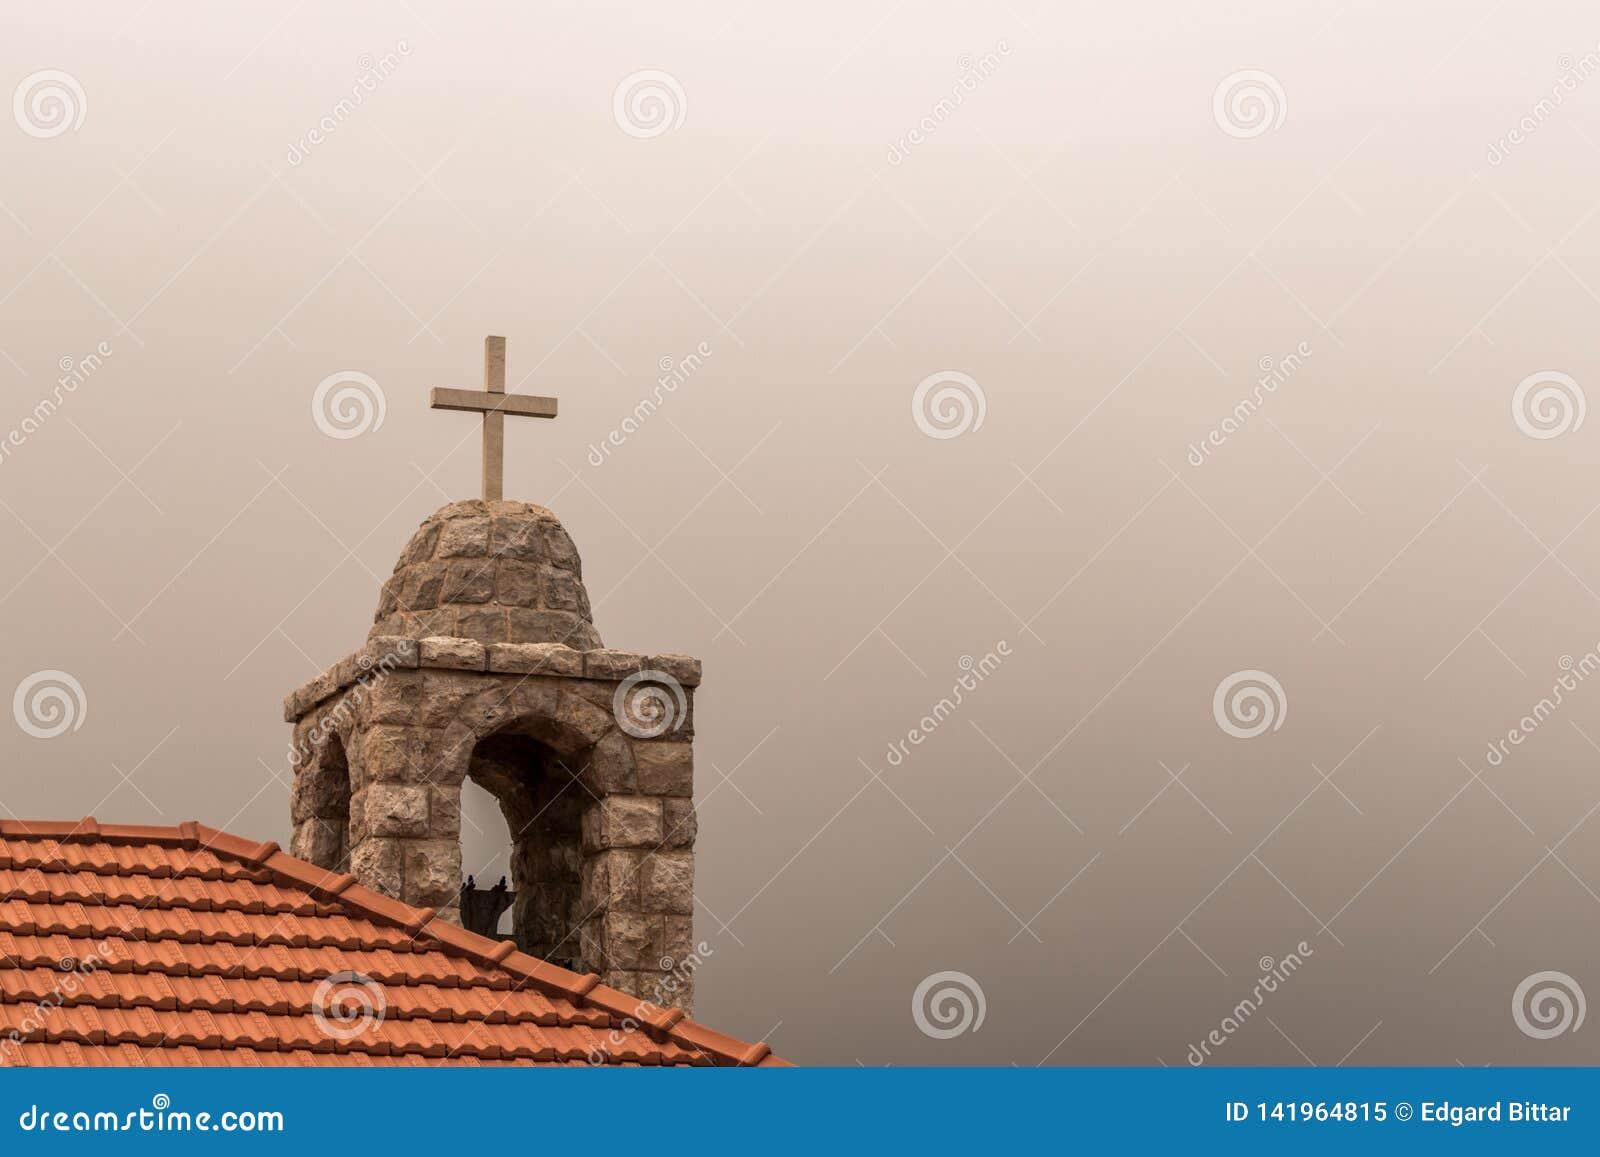 Σταυρός μιας εκκλησίας επάνω υψηλής